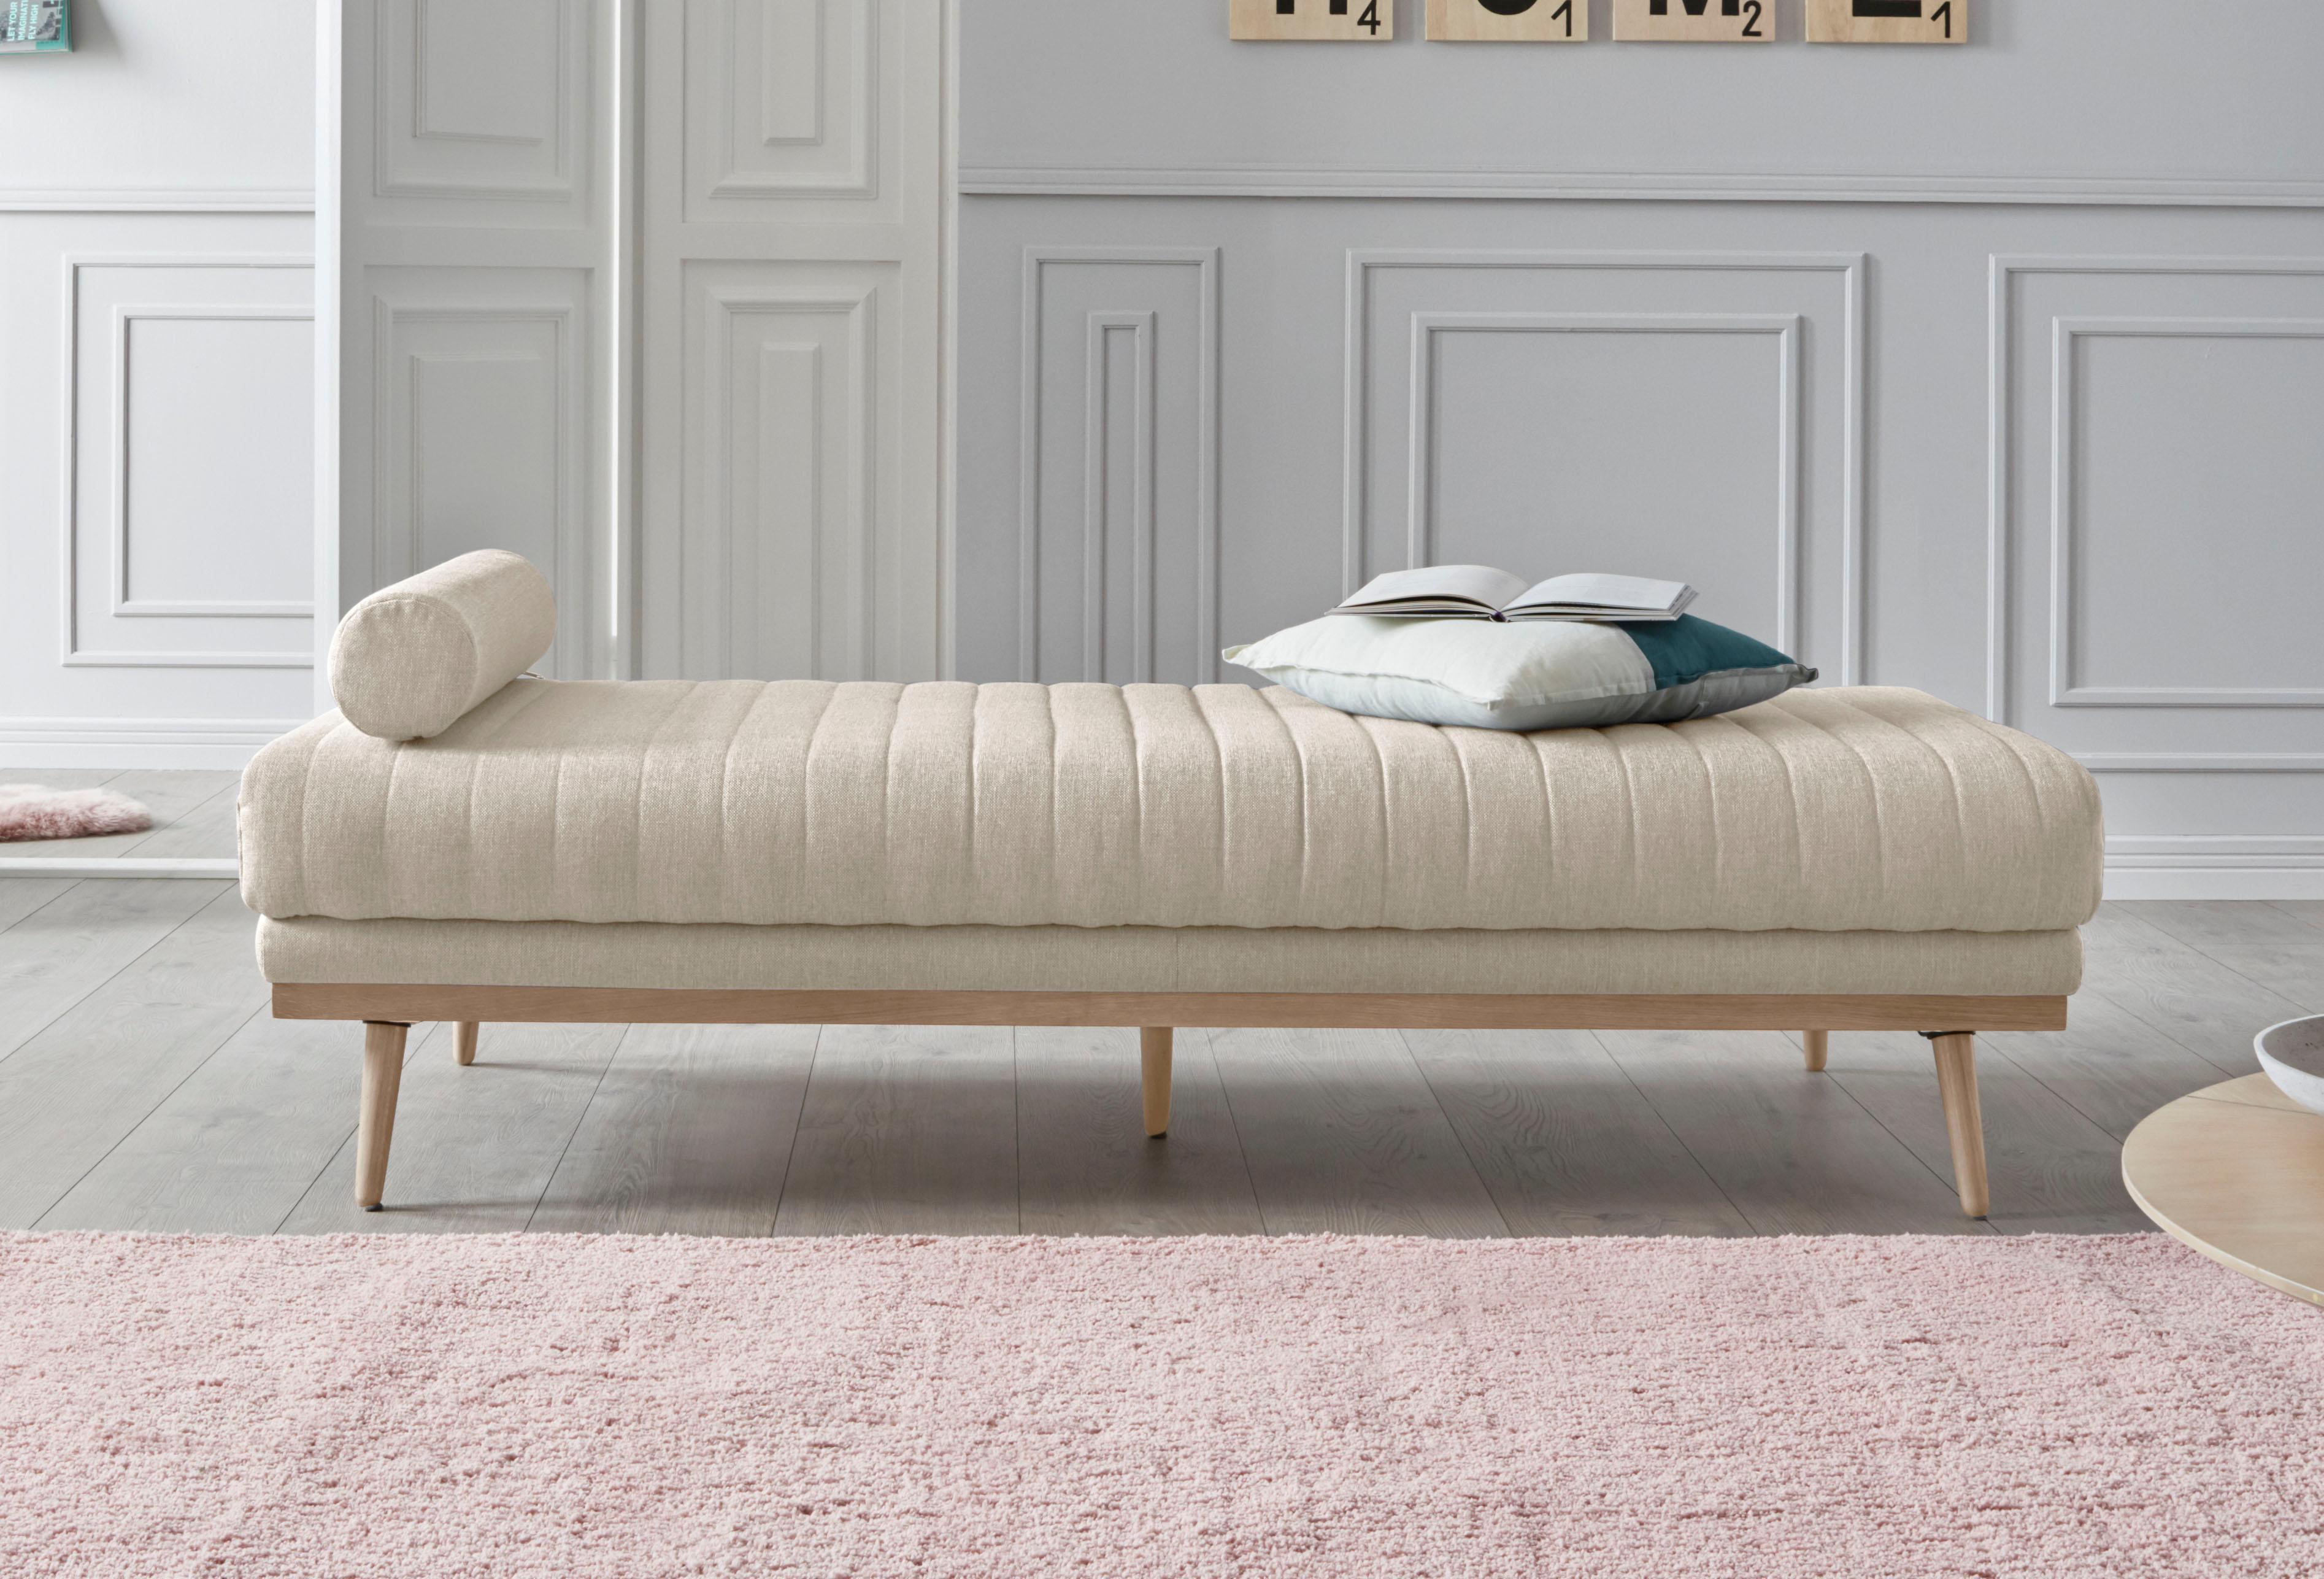 andas Relaxliege Patch mit feiner Steppung und Nackenrolle Design by Morten Georgsen